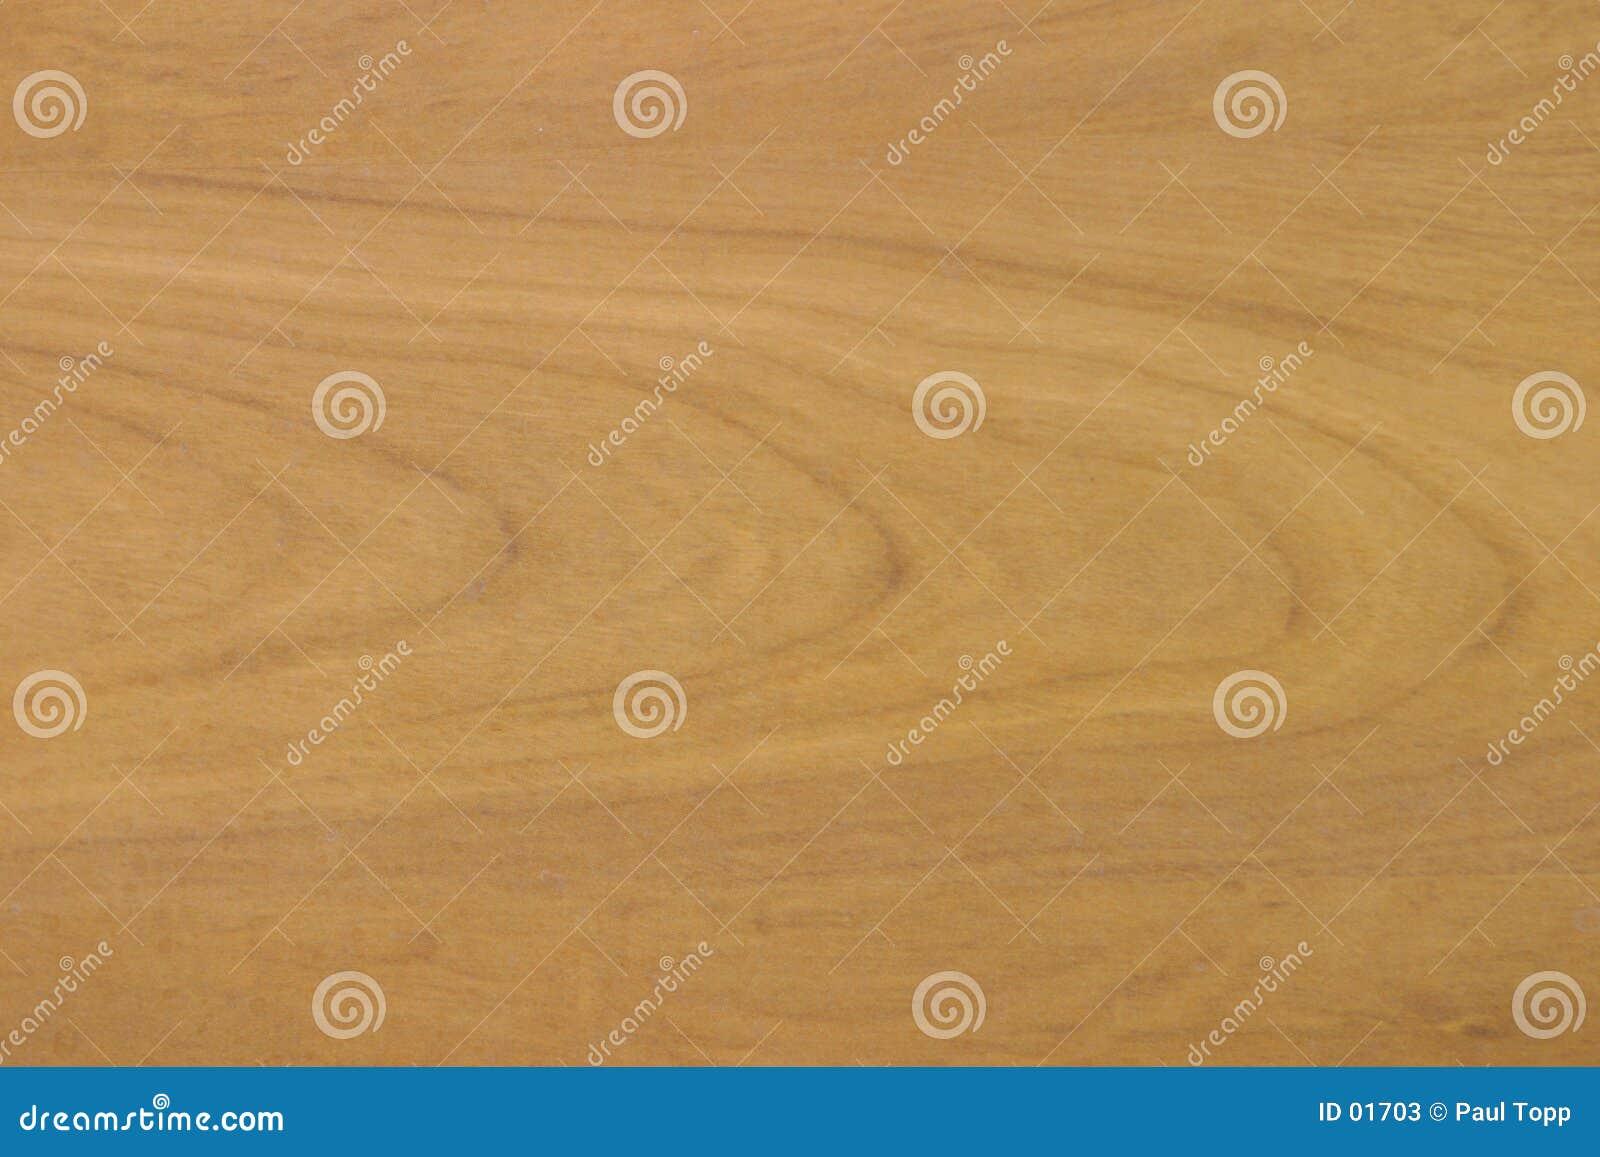 зерно предпосылки делает по образцу древесину